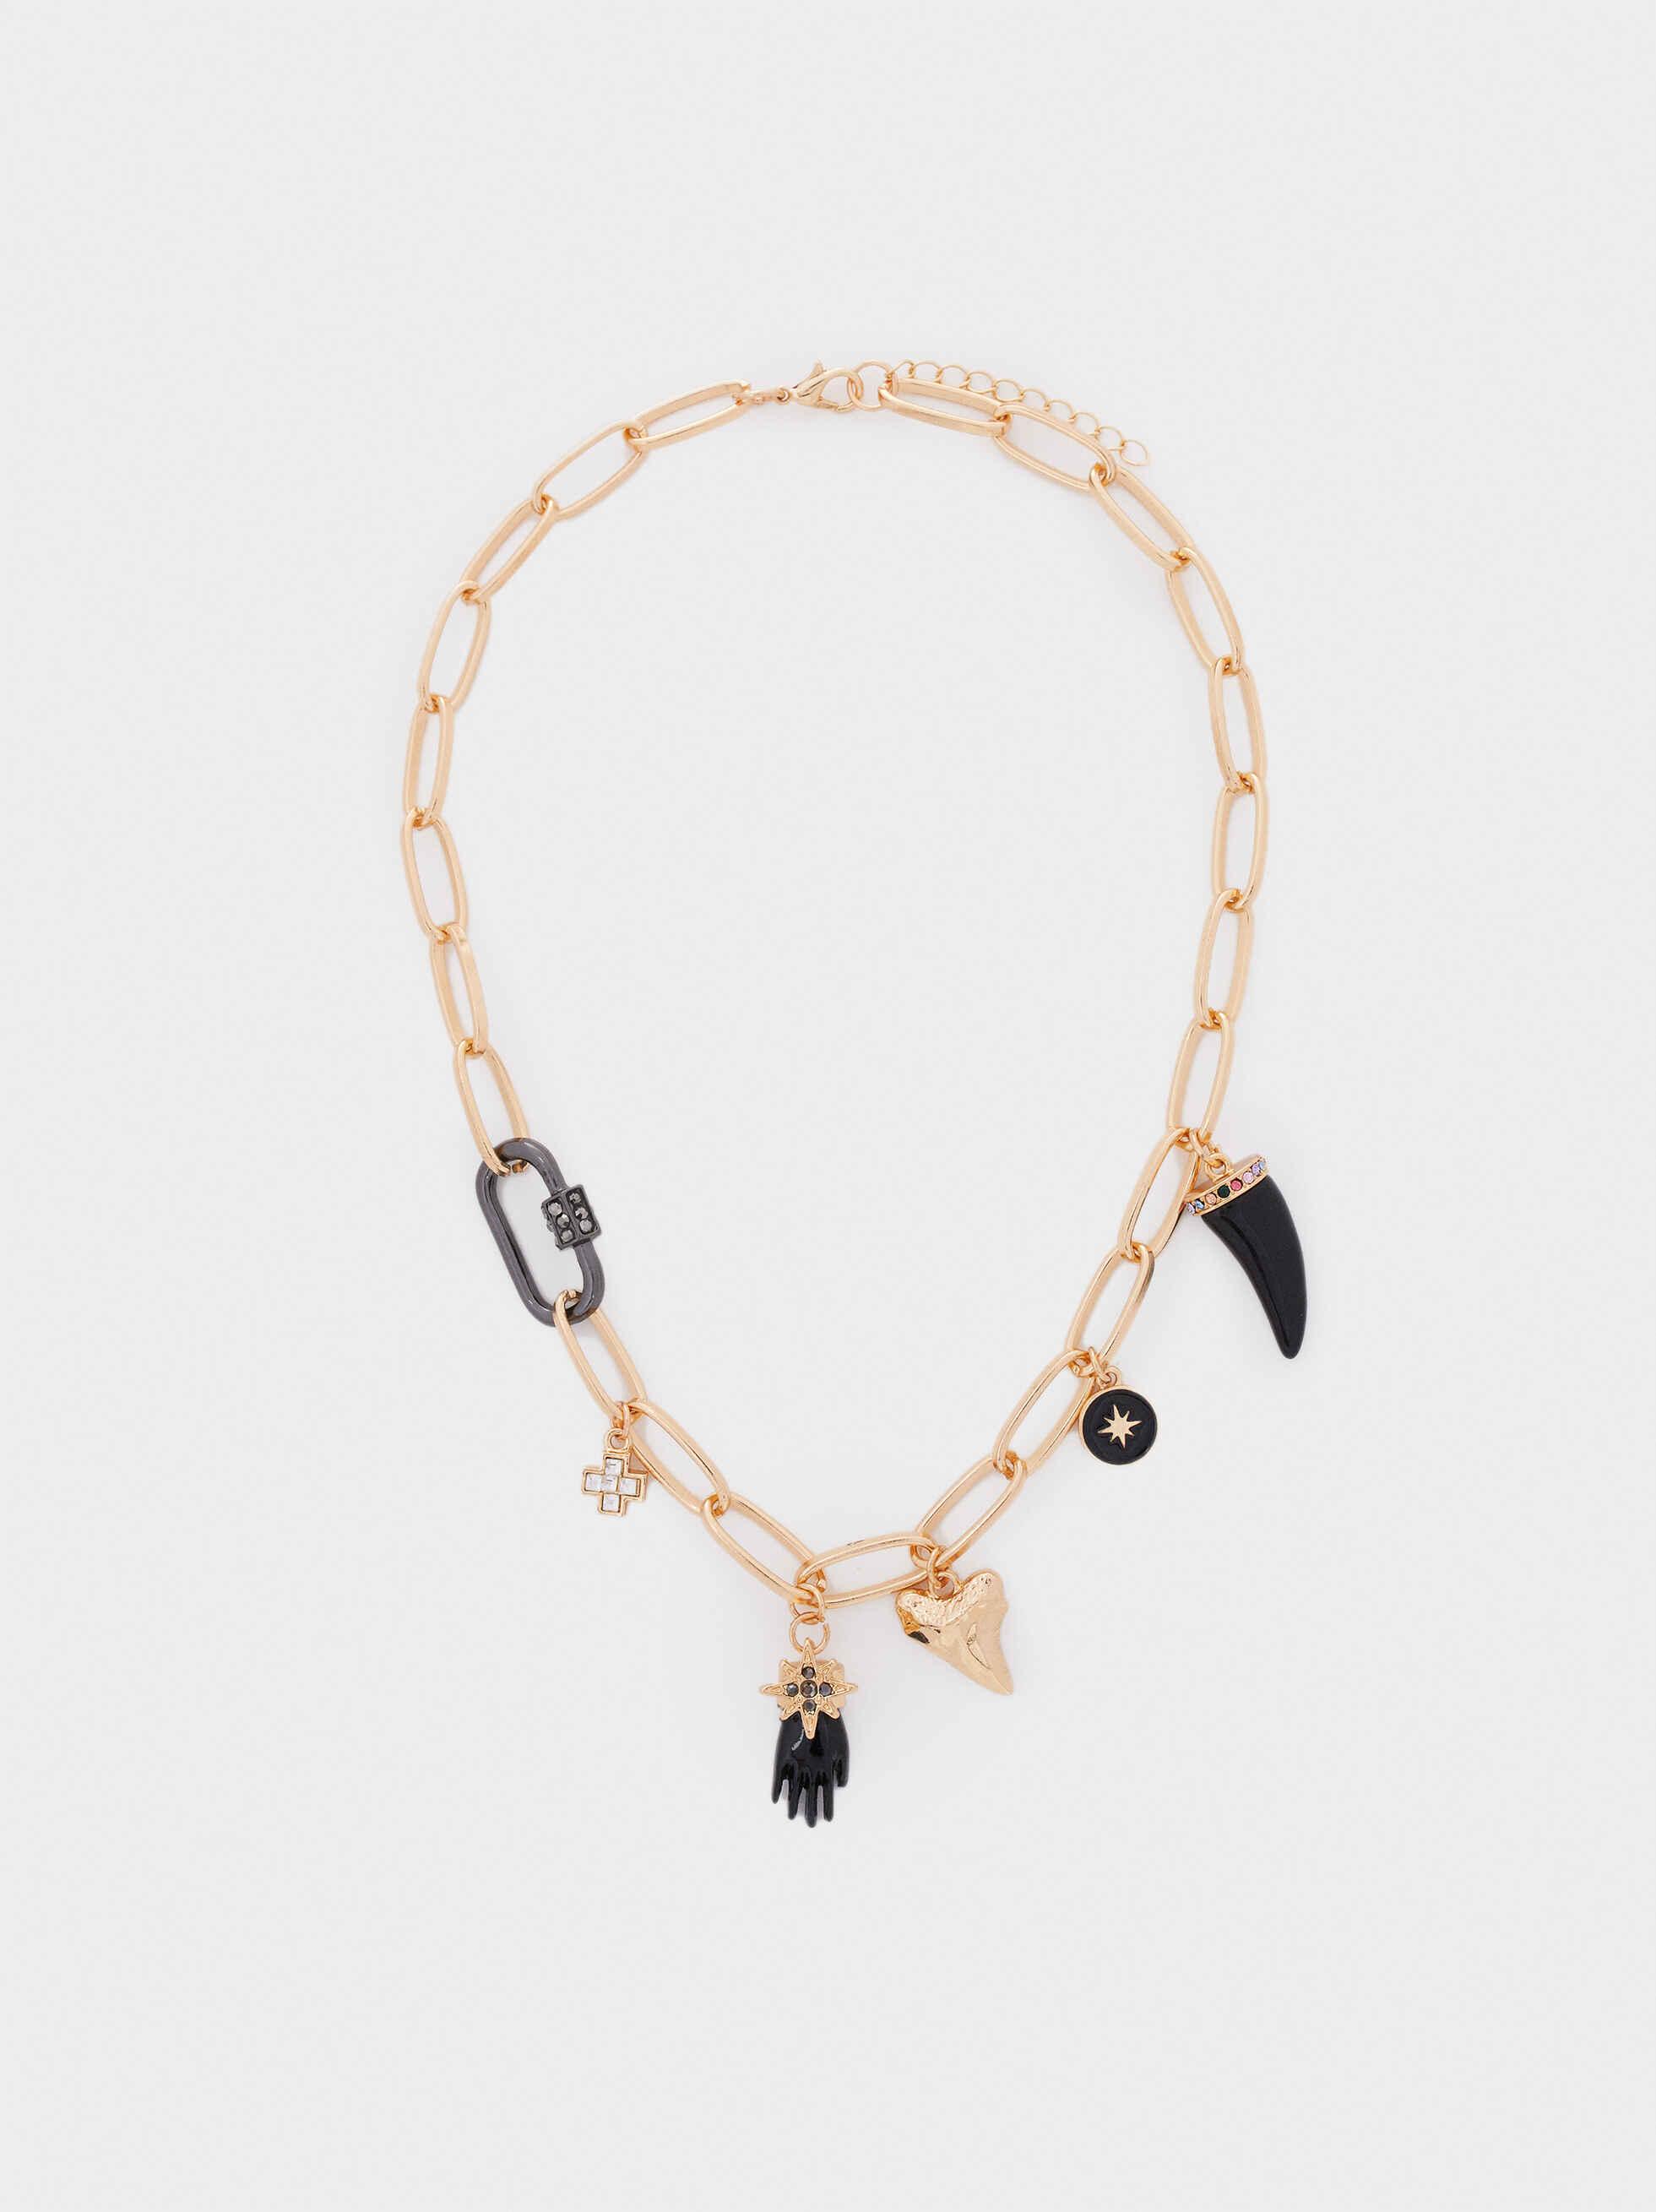 Short Chain Link Necklace, Golden, hi-res